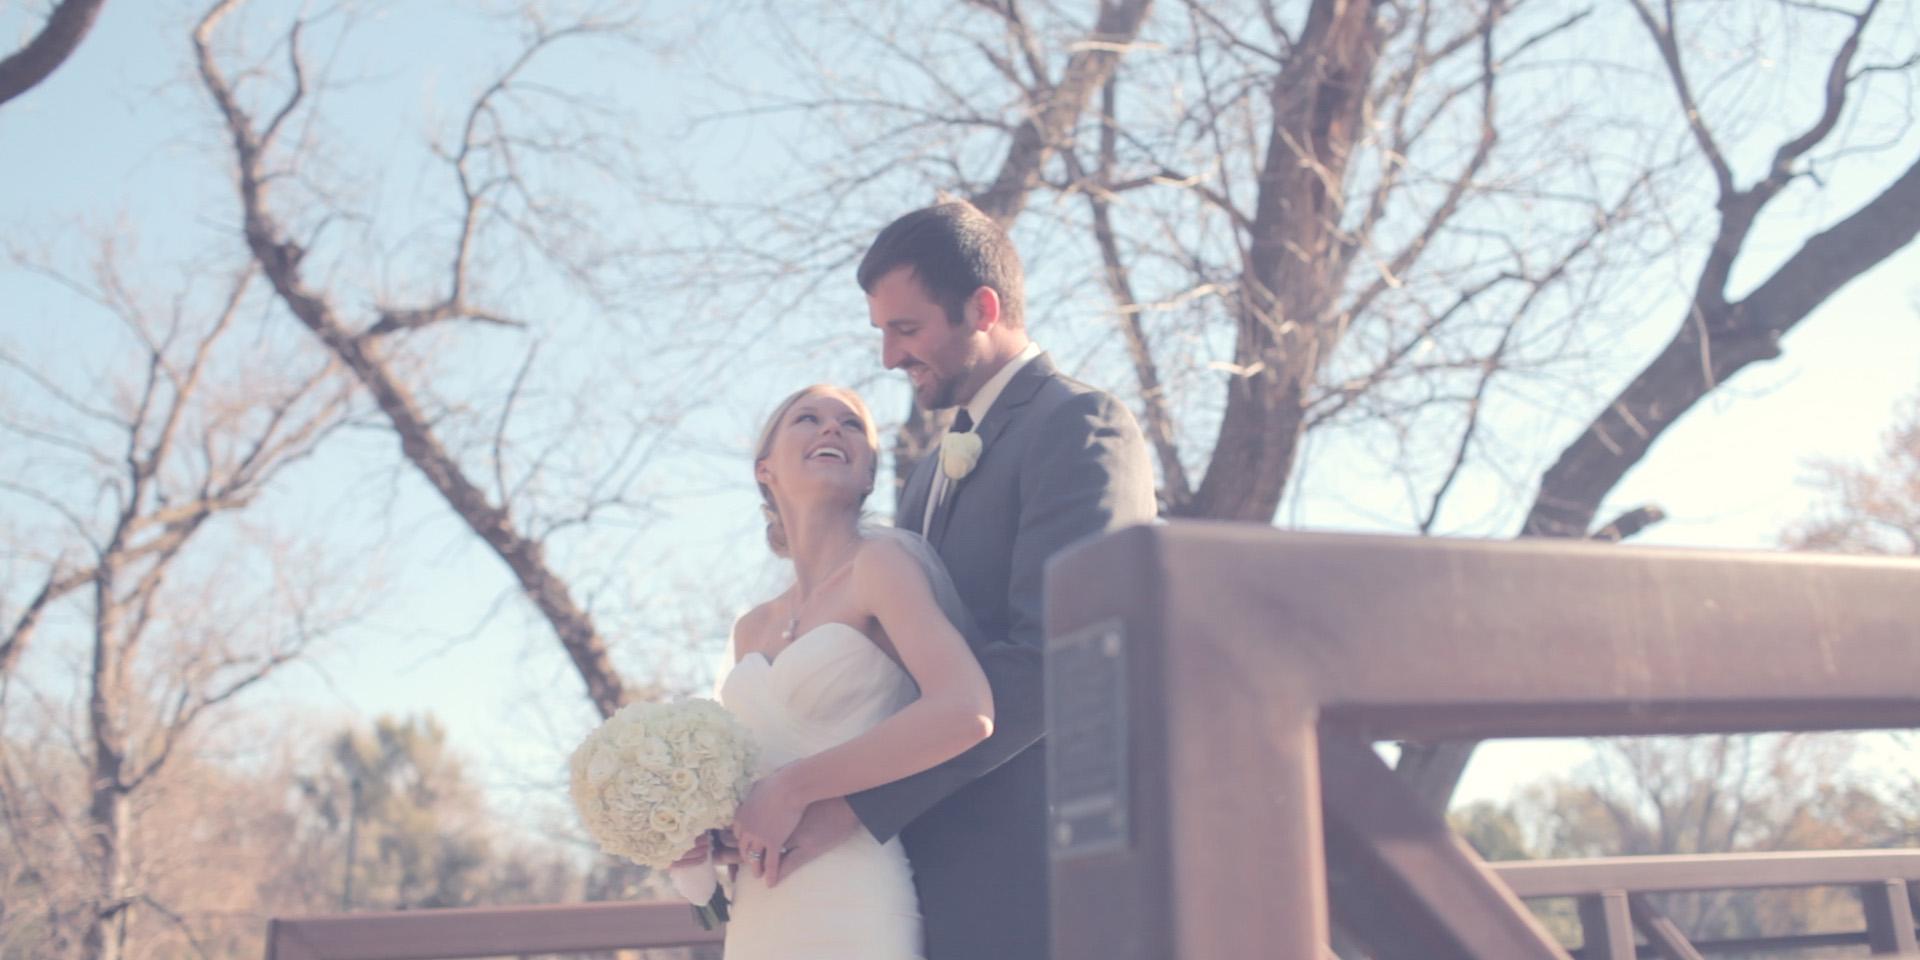 wedding story.00_03_14_23.Still007.jpg